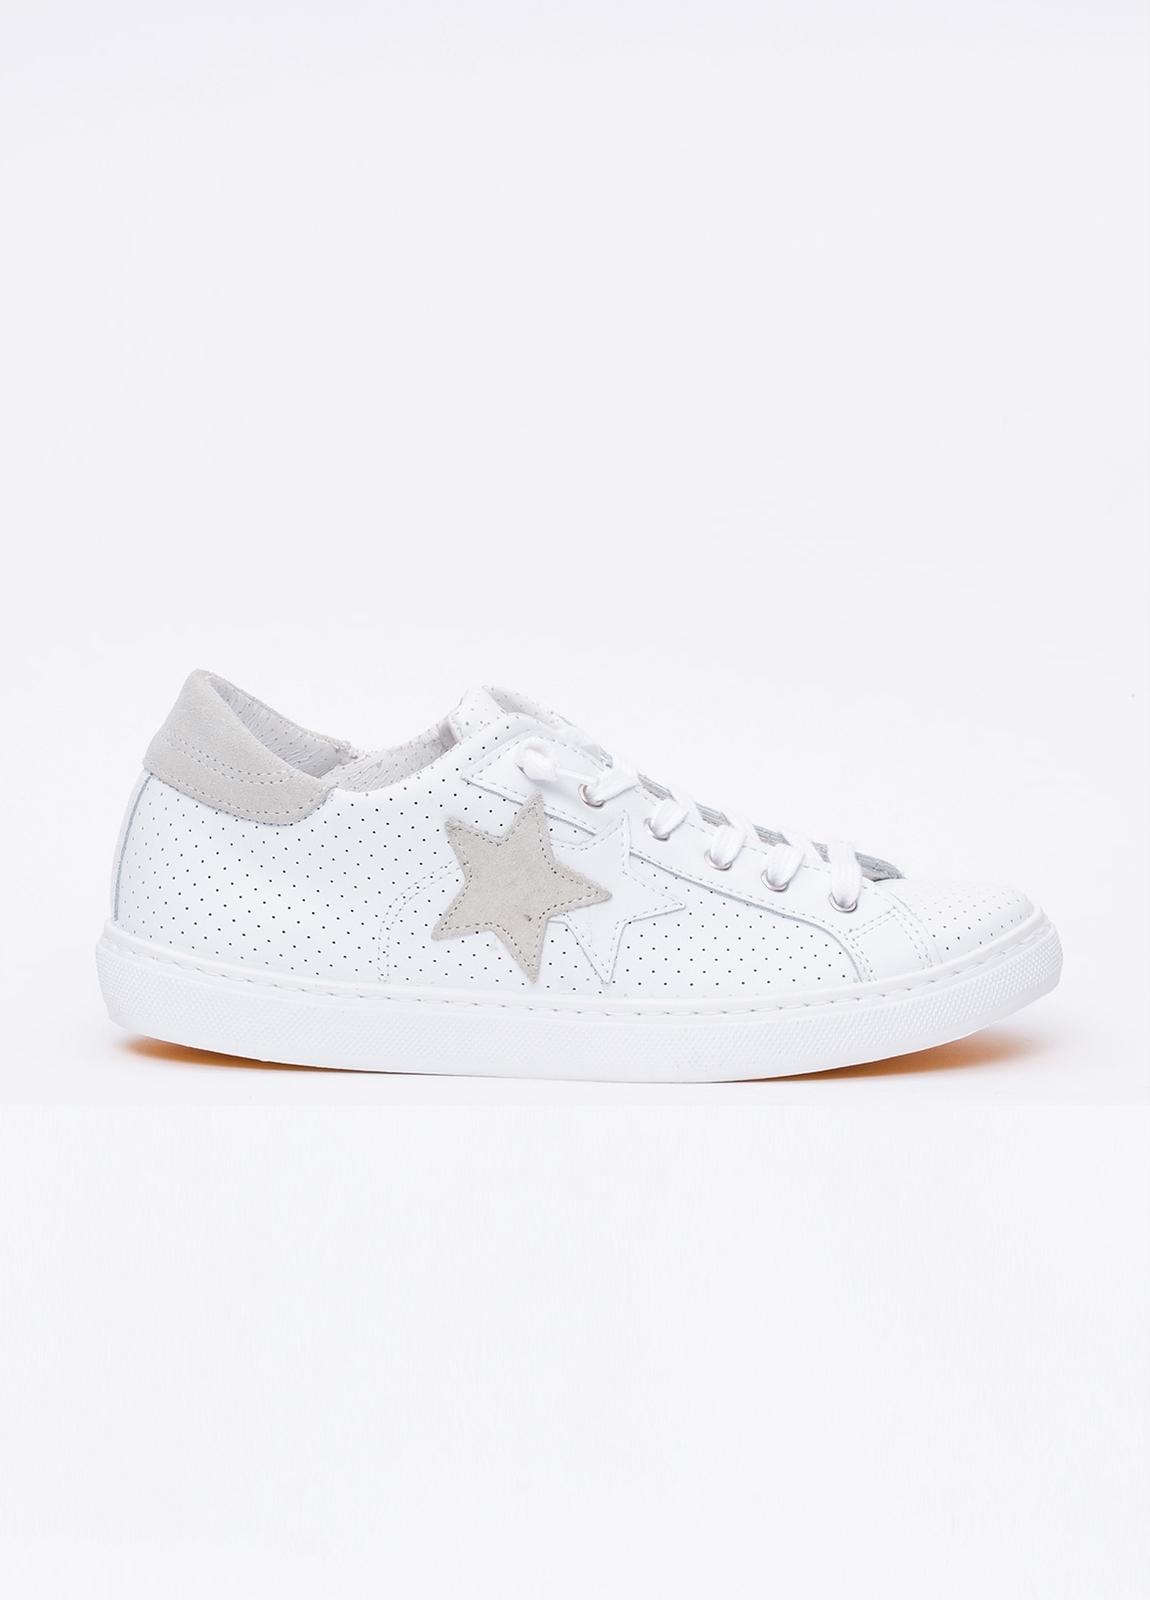 Calzado sport color blanco con detalles beige. 100% Piel.